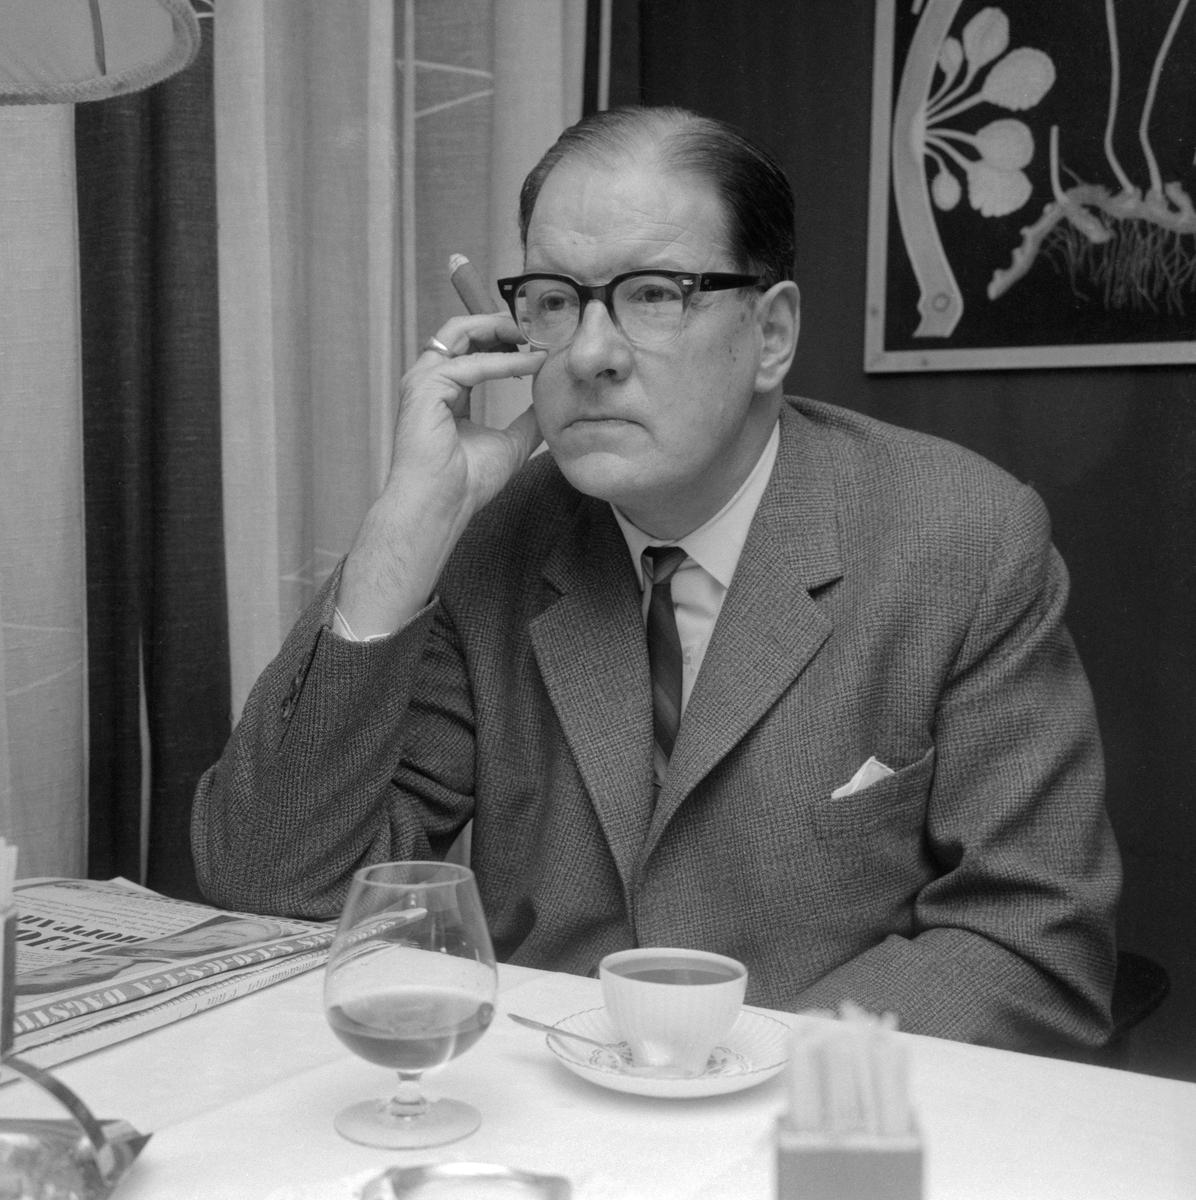 Författare, översättare, journalist och litteraturforskare är några titlar som kan knytas till den intellektuelle Sven Stolpe. Under perioden 1964-1972 tjänstgjorde han som läroverkslektor i Mjölby. Här porträtterad 1965.